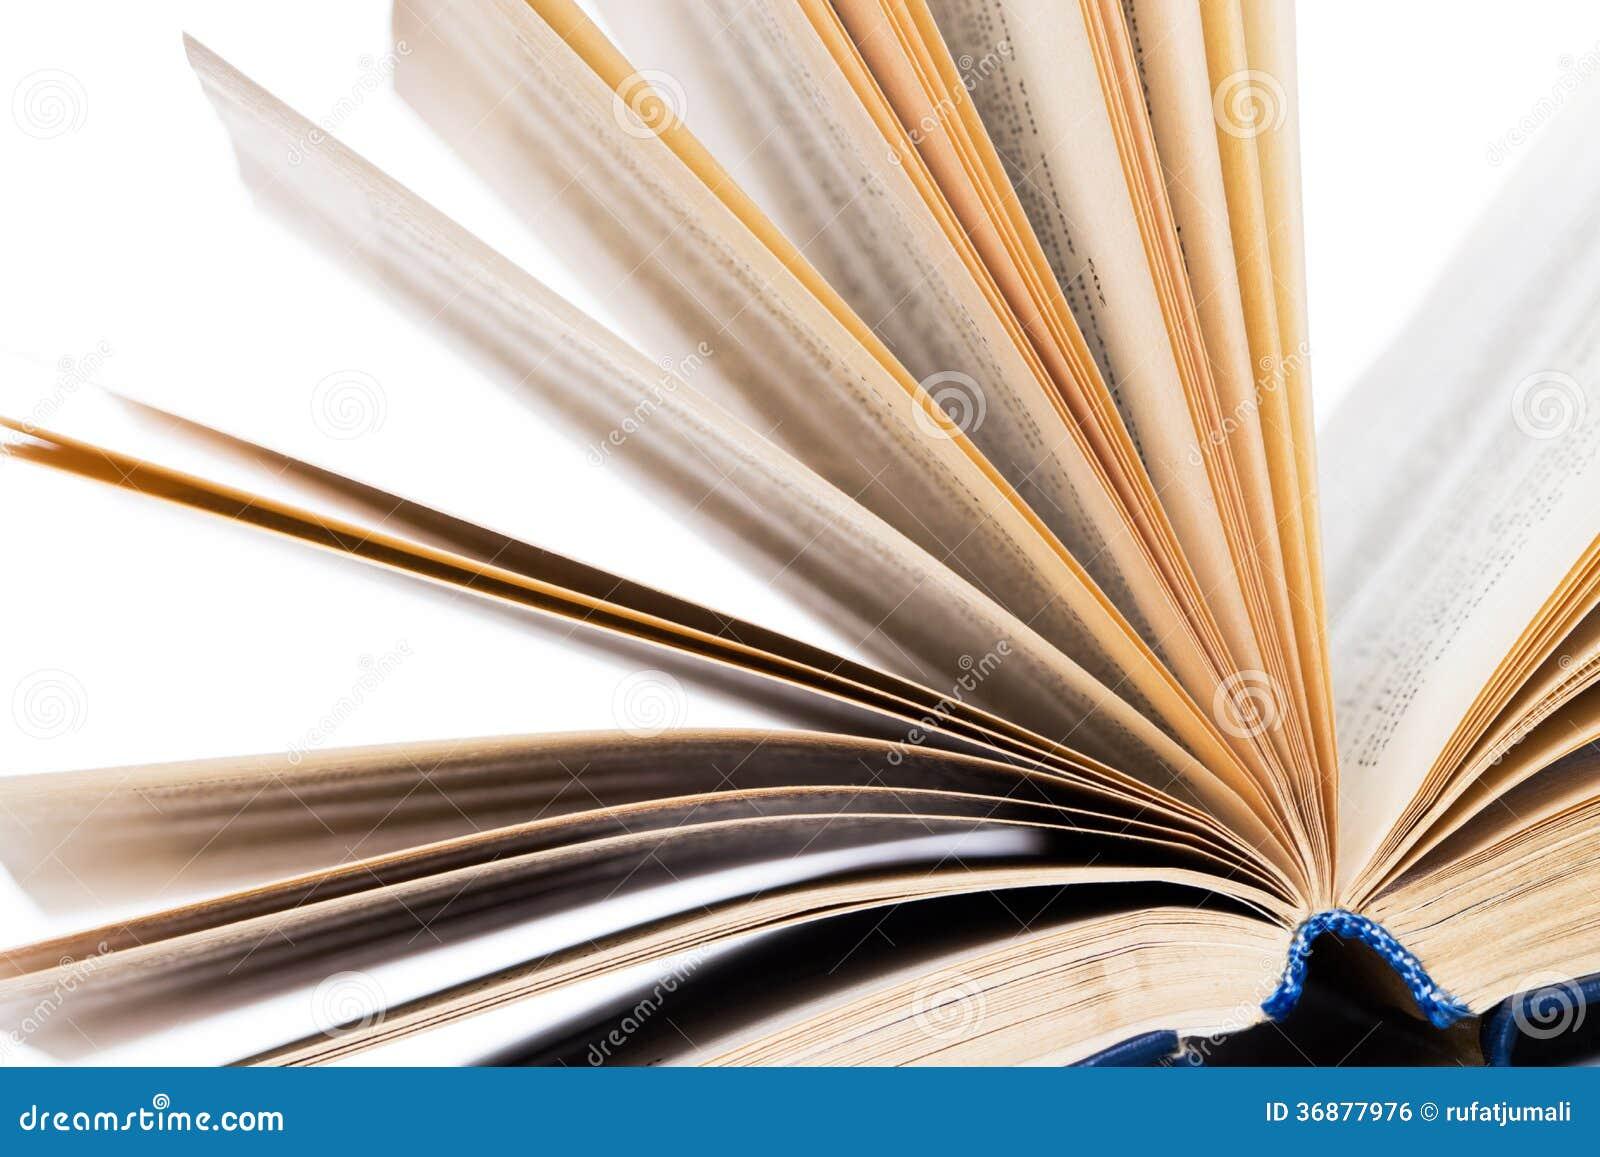 Download Istruzione, Scienza. Vecchio Libro Su Fondo Bianco Fotografia Stock - Immagine di libreria, antico: 36877976